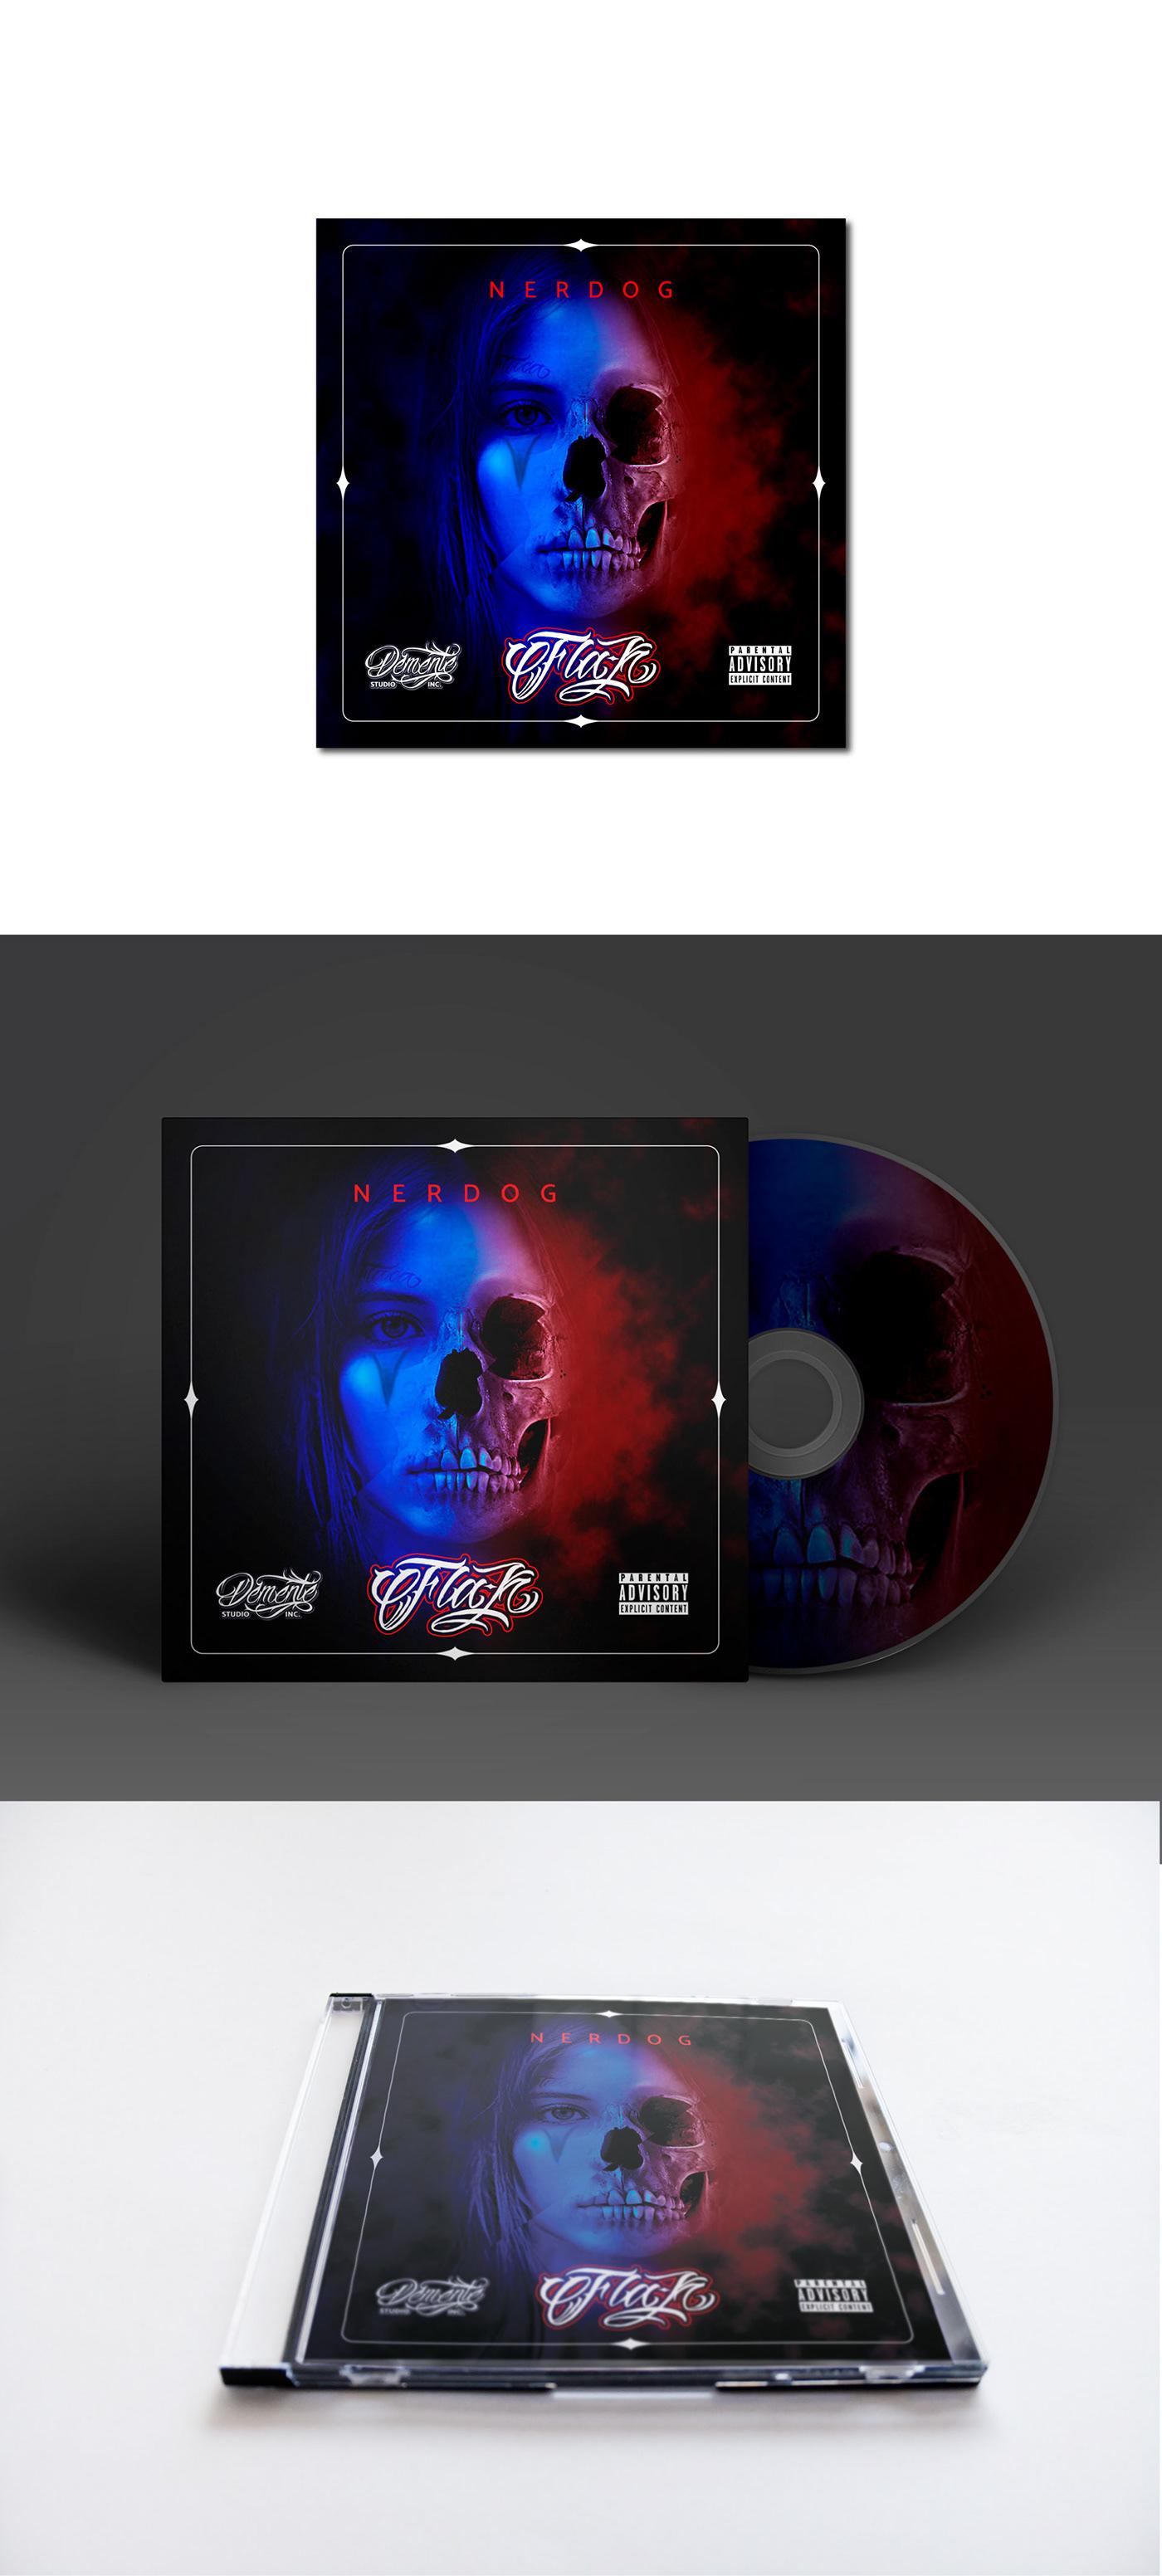 cover disc diseño gráfico hip hop rap LOS CABOS baja california sur edición